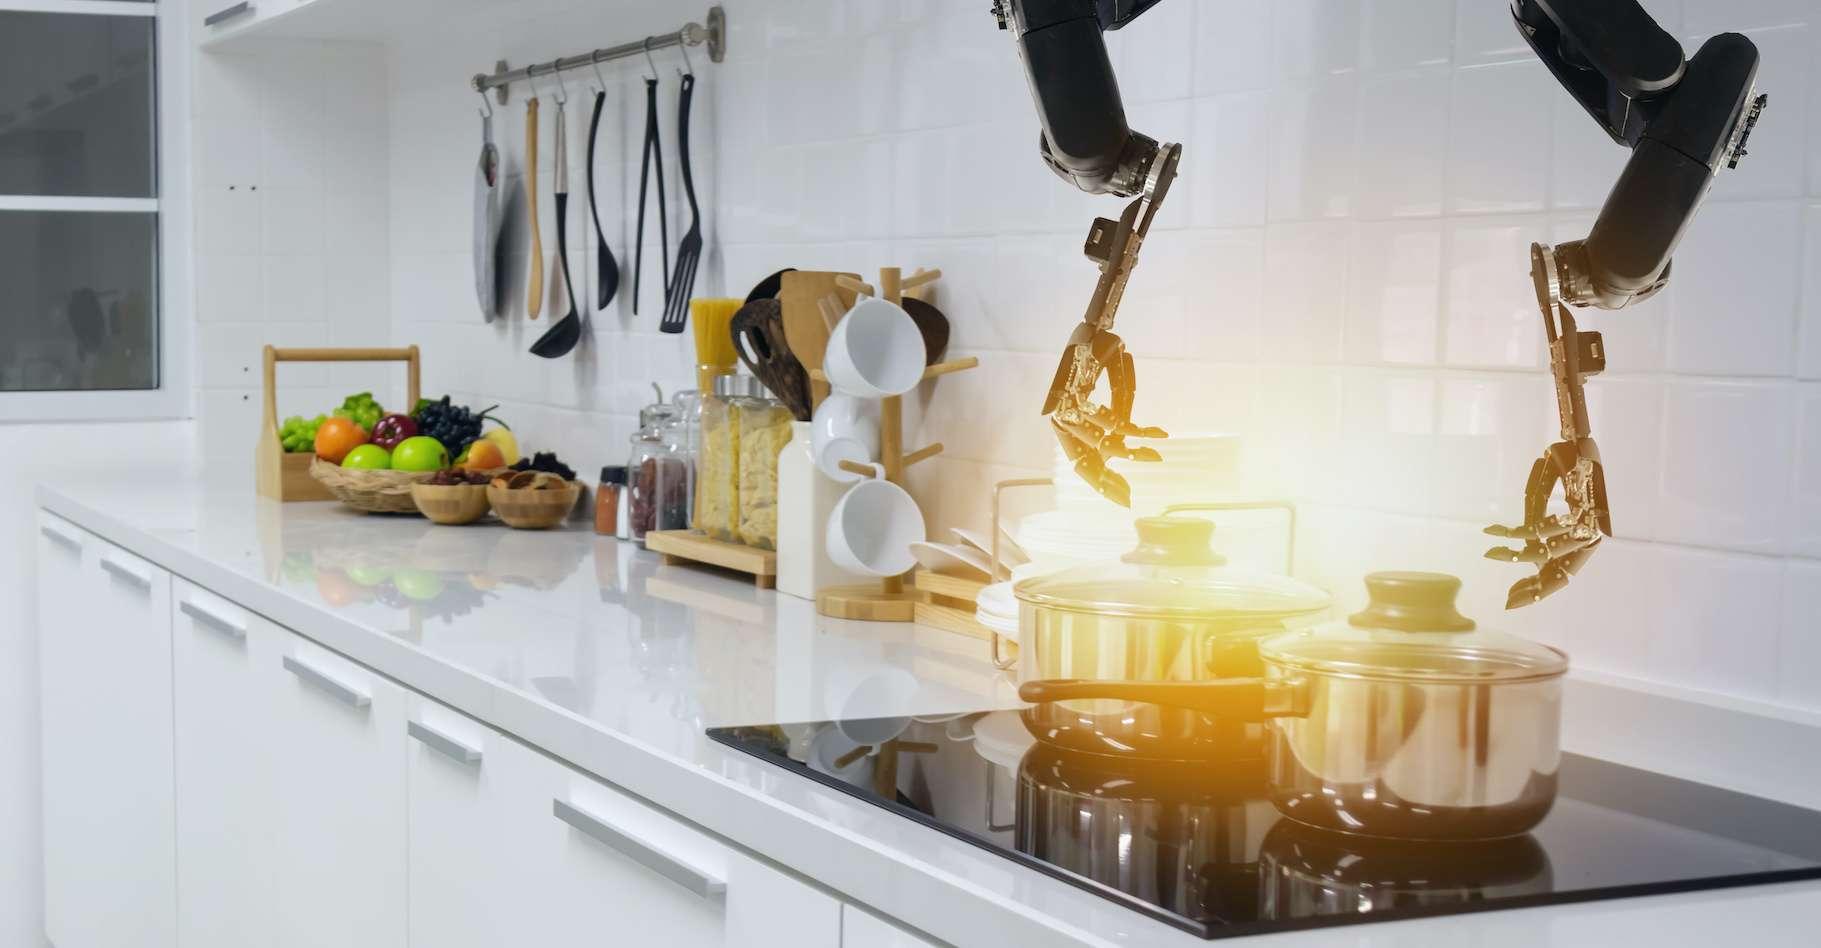 Les robots remplaceront-ils un jour les chefs humains dans les cuisines ? © Monopoly919, Adobe Stock